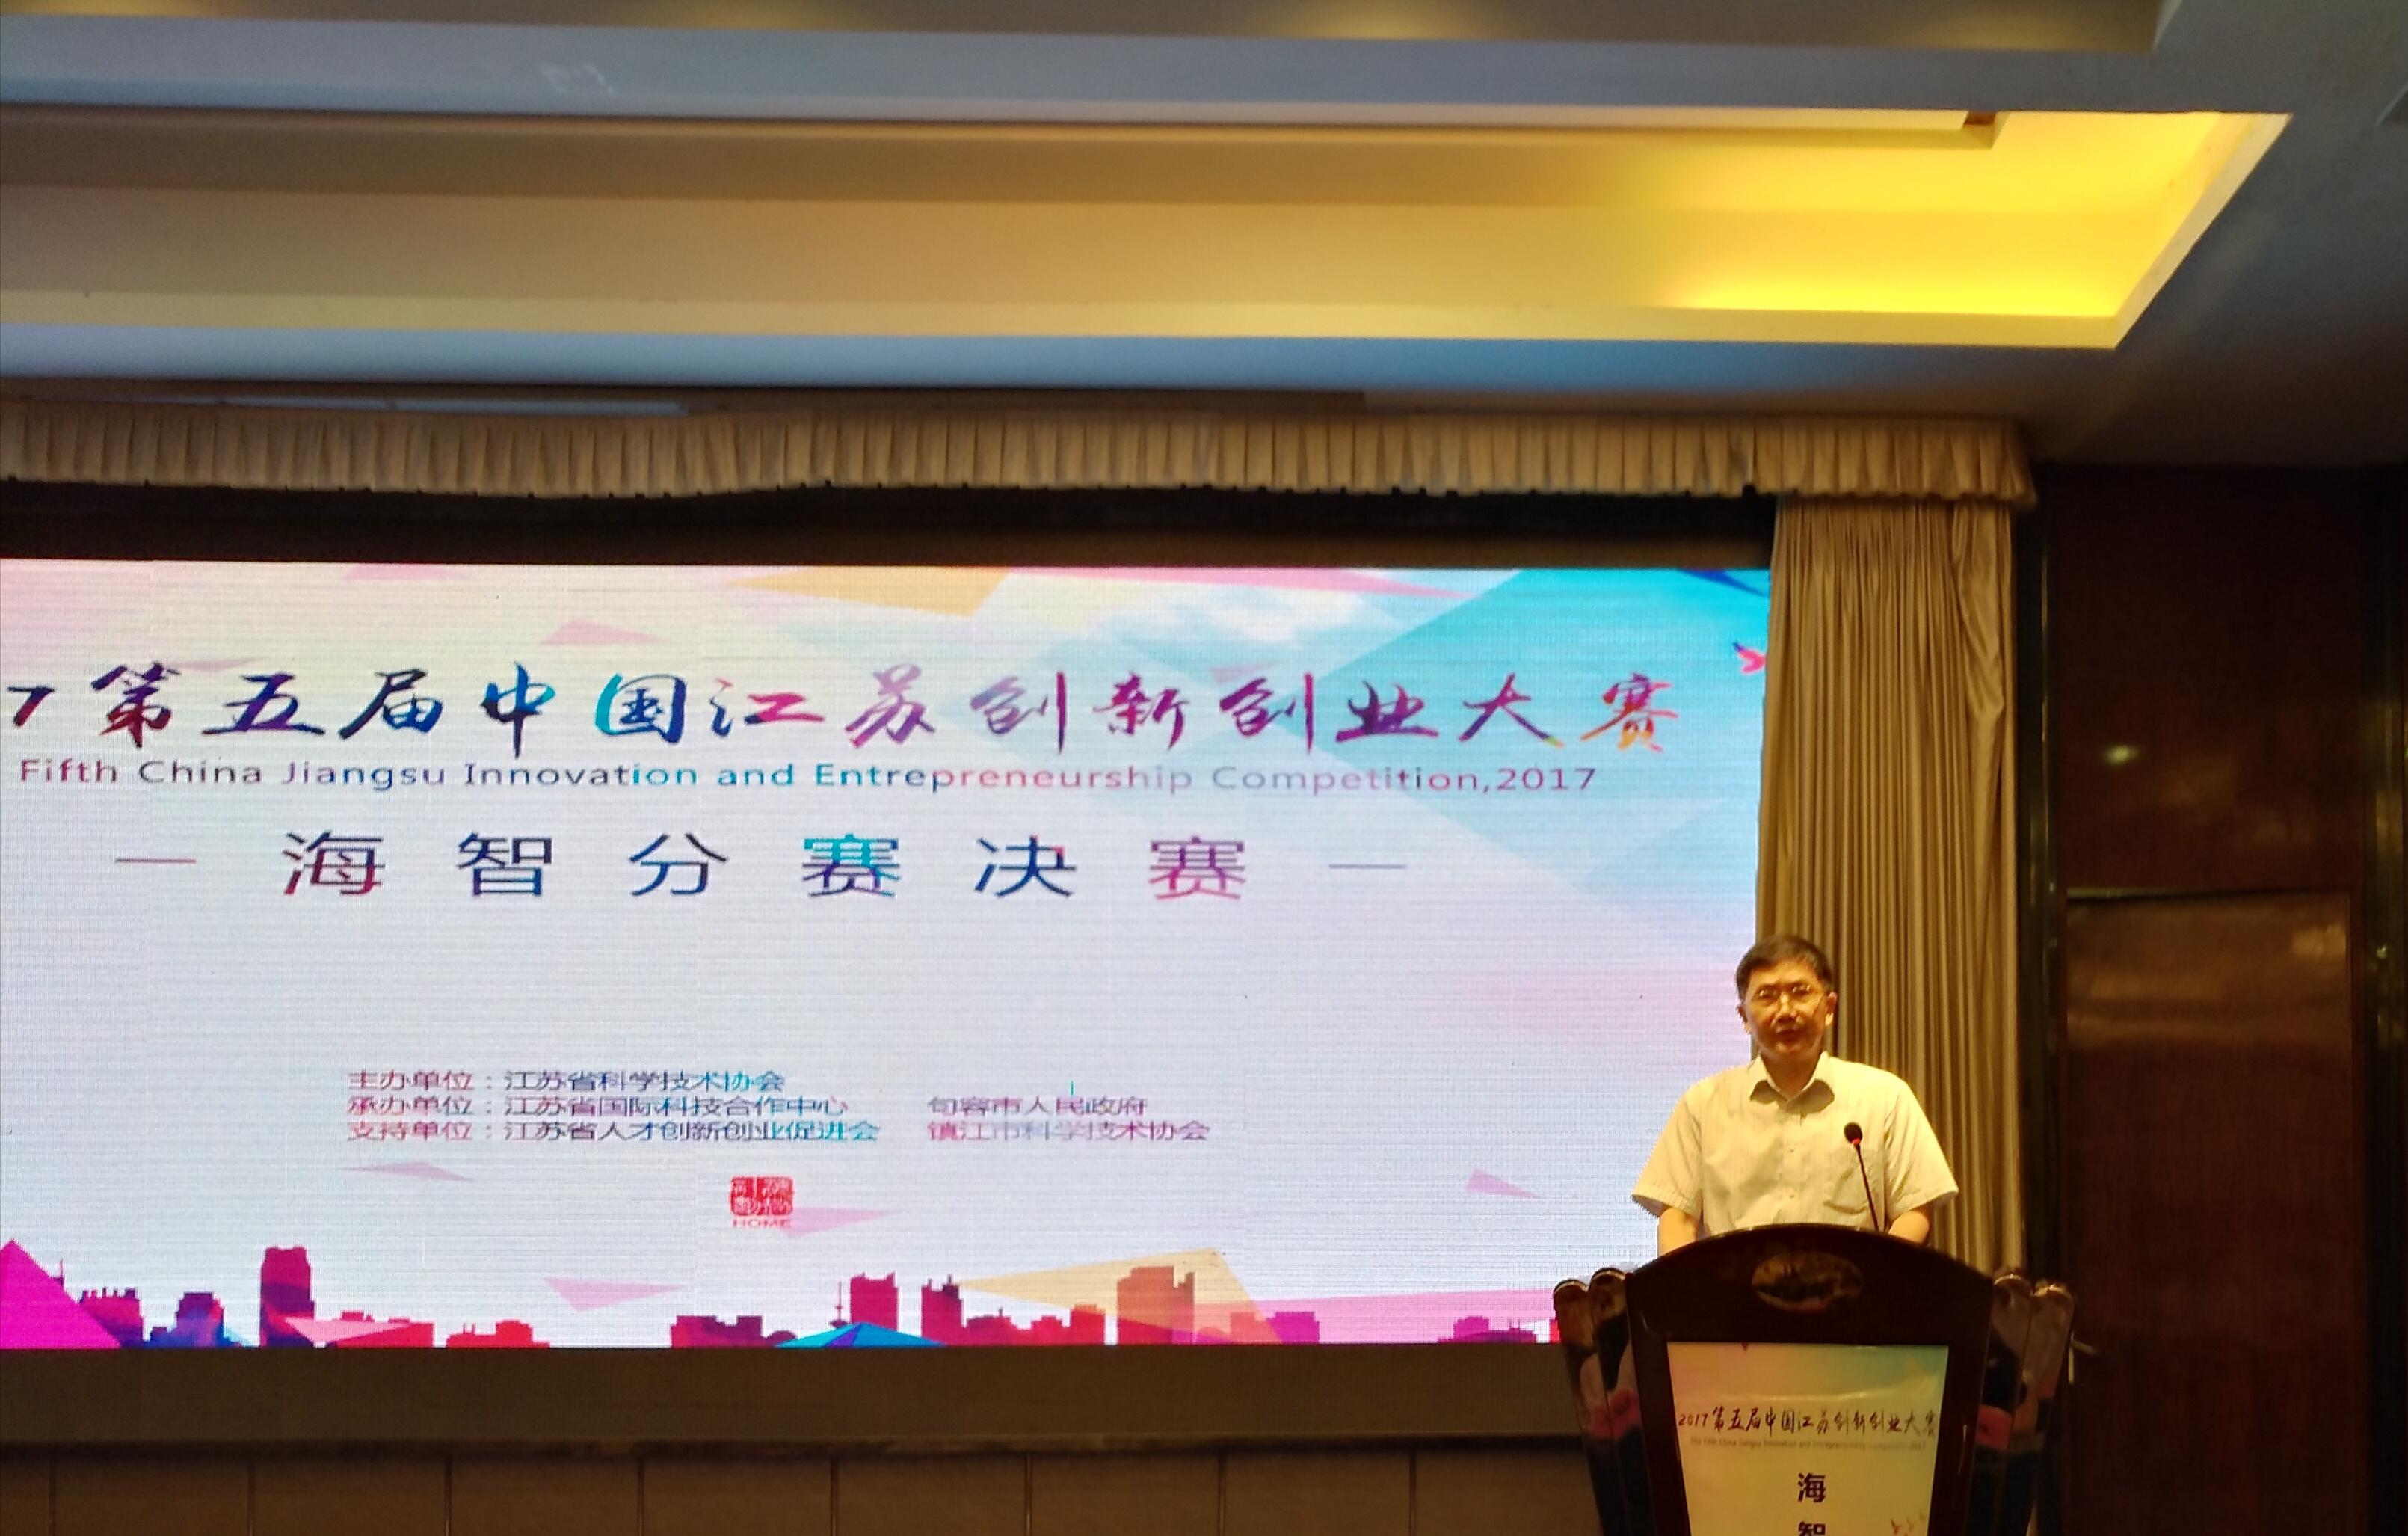 中国江苏创新创业大赛海智决赛在句容举办